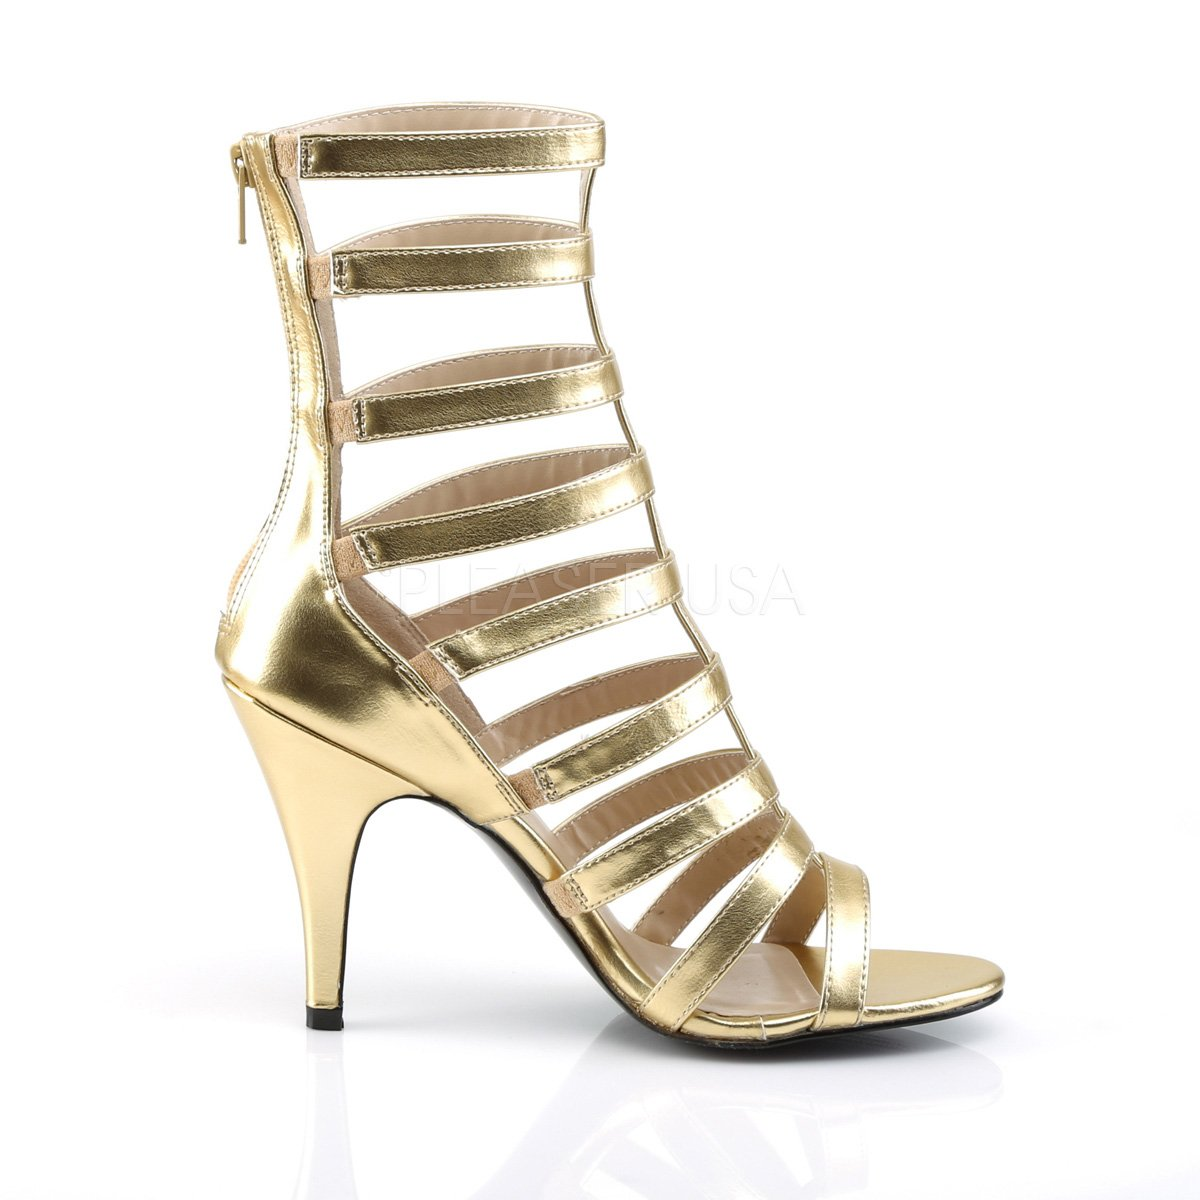 Higher-Heels Higher-Heels Higher-Heels Rosa Label Big Größe Riemchen Stiefelies Dream-438 mattGold 9b27fe